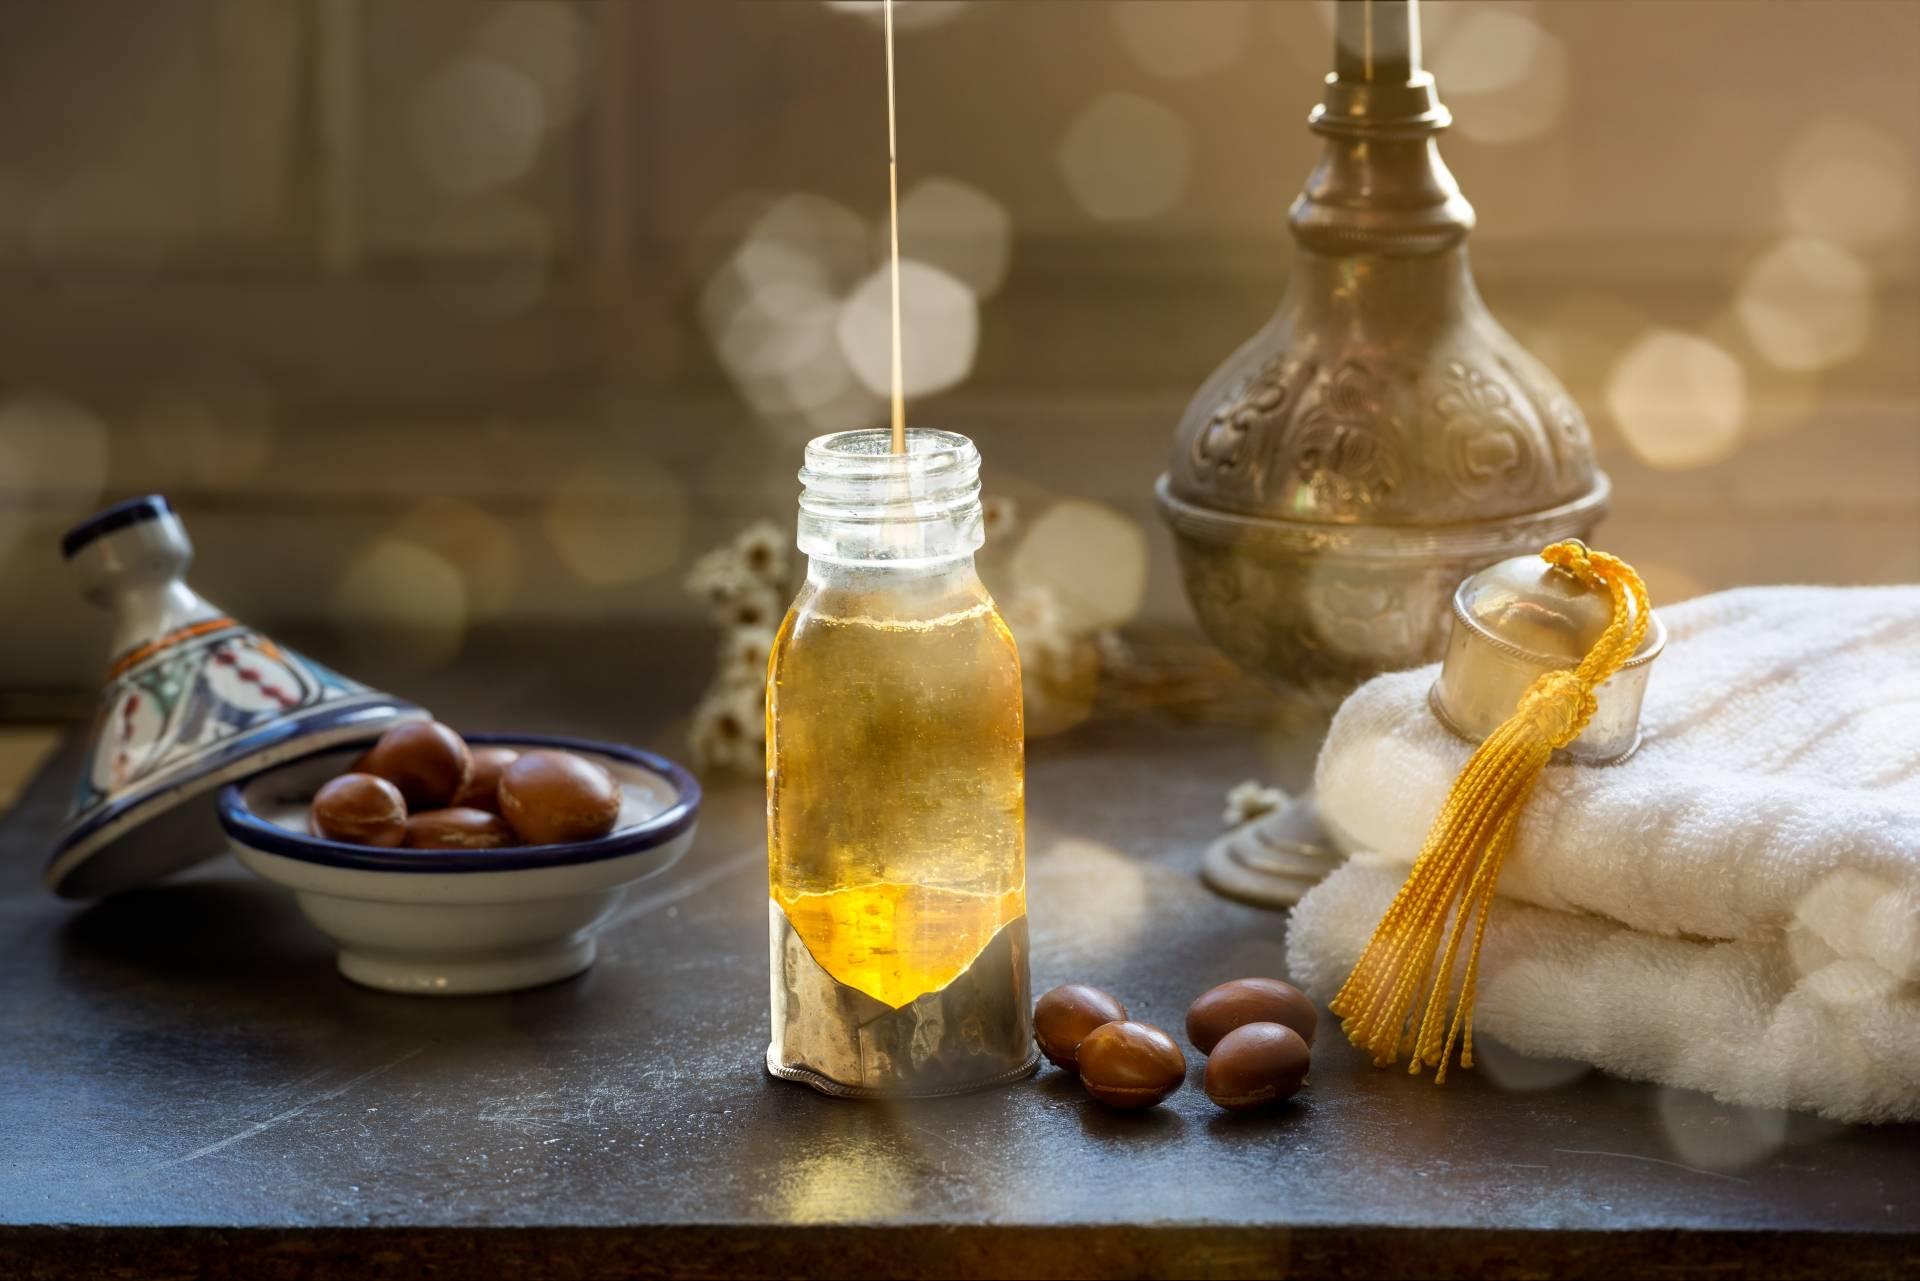 Olejek arganowy z Maroka w starożytnej stylizacji. Buteleczka oleju, orzechy drzewa arganii w miseczce ręcznik.